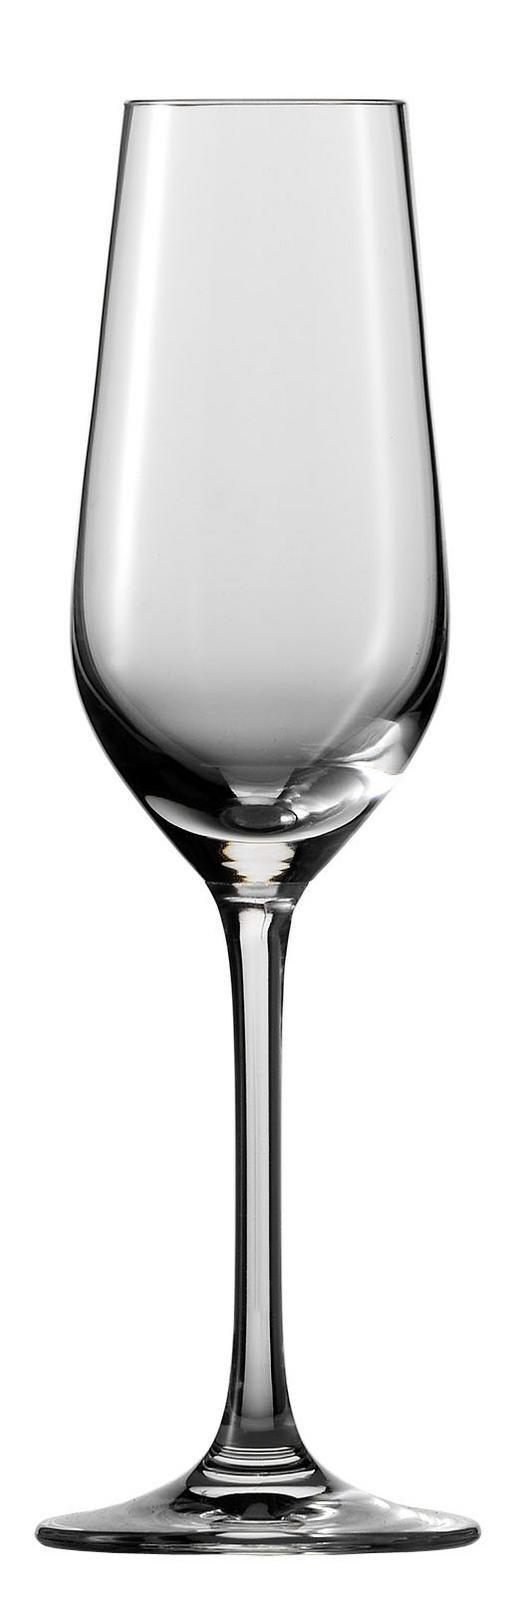 SCHNAPSGLAS - Klar, Basics, Glas (20/14/20,1cm) - SCHOTT ZWIESEL